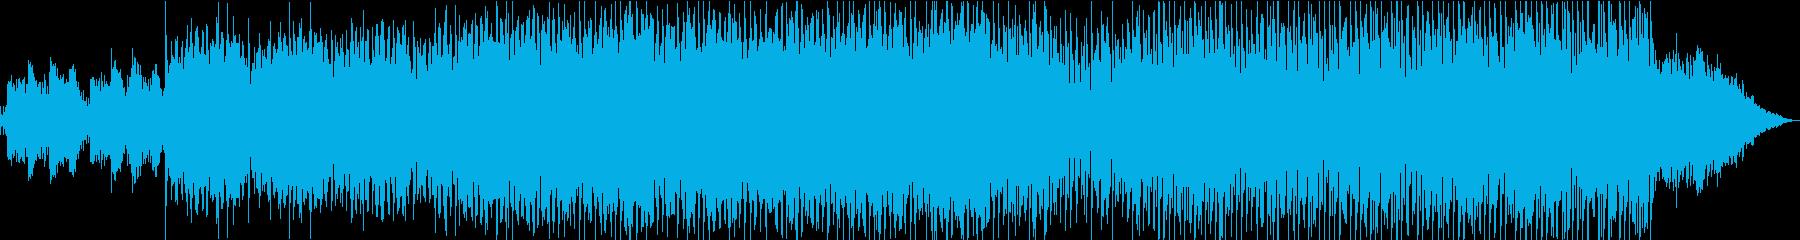 アクティブで前向きな雰囲気のエレクトロの再生済みの波形